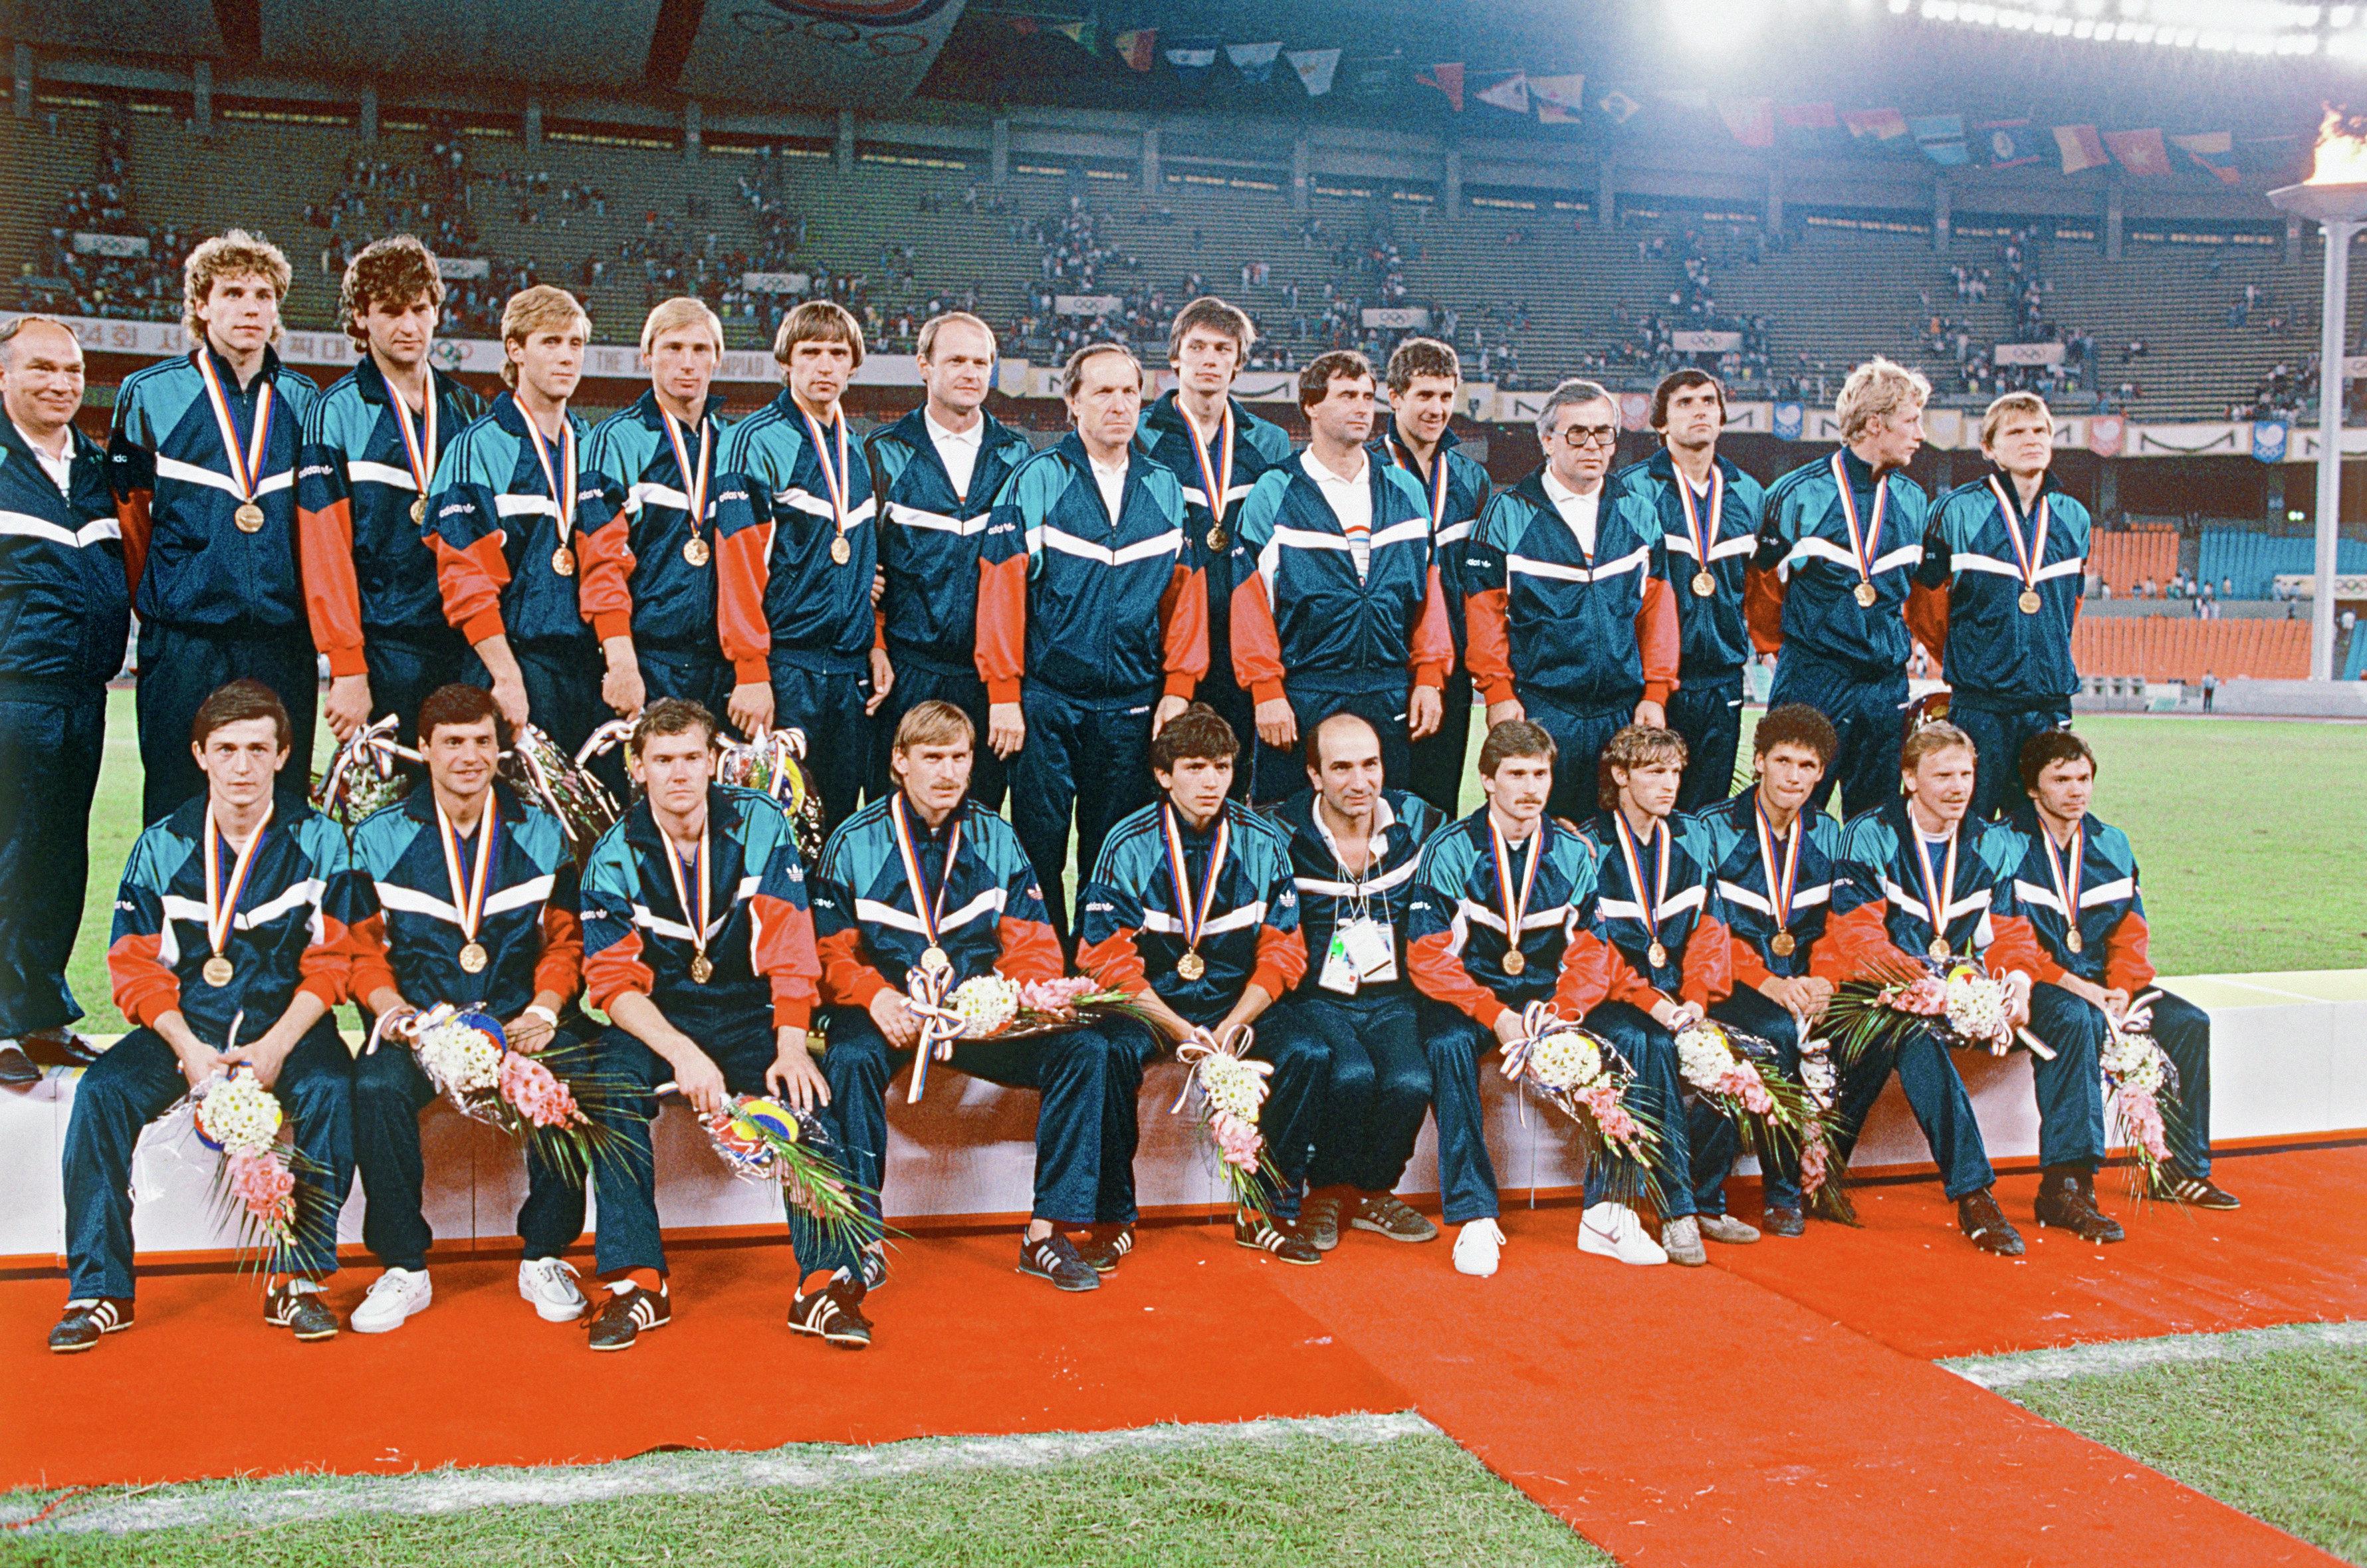 Олимпийская сборная команда СССР по футболу - чемпионы XXIV Олимпийских игр в Сеуле (Южная Корея)